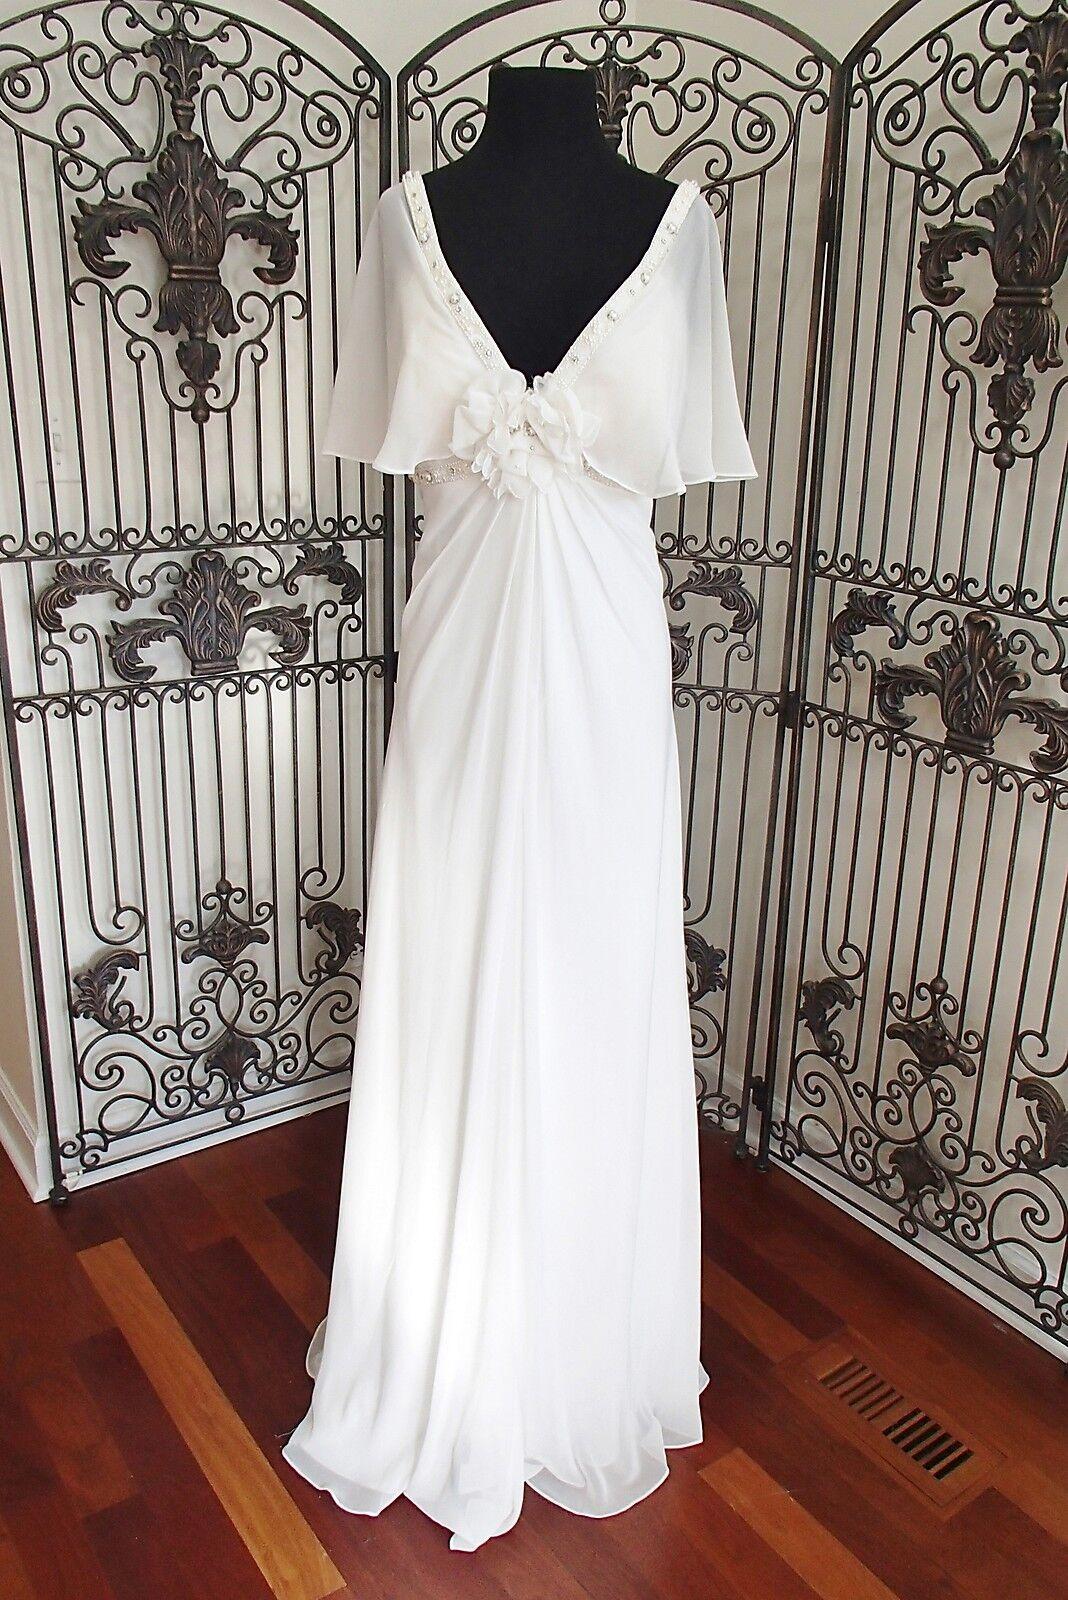 G31 Morrell Maxie 13373 Sz-18 Elfenbeinweiß Hochzeit Kleid | Die Farbe ist sehr auffällig  | Kostengünstiger  | Feinbearbeitung